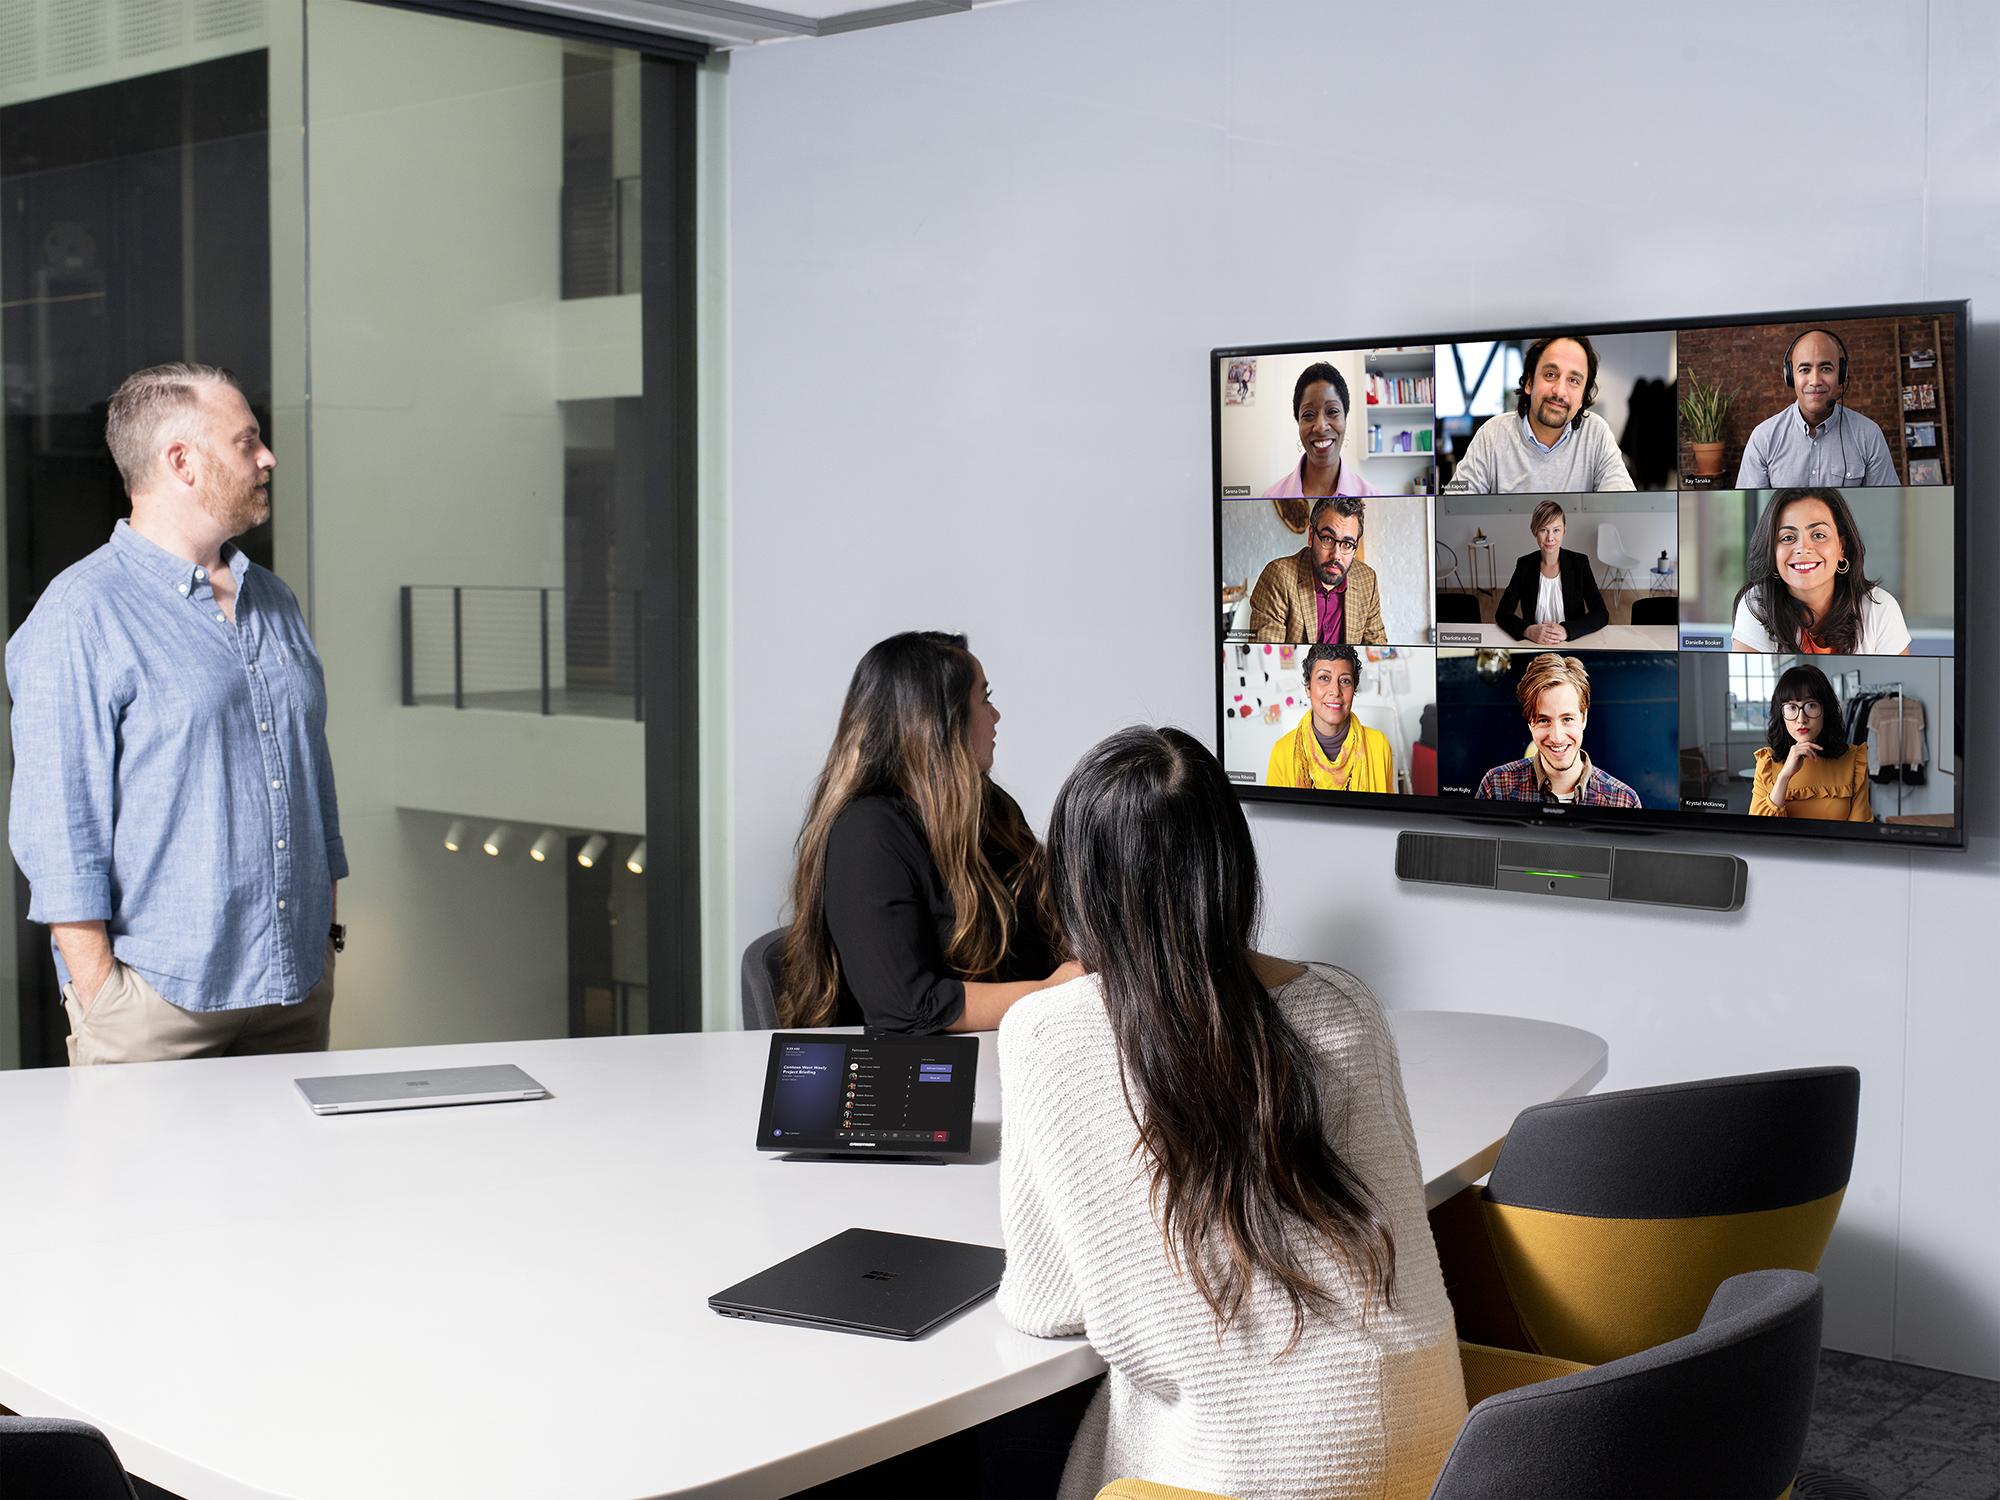 Trabalho híbrido deverá ser equilibrado entre flexibilidade de local e conexão pessoal, aponta análise da Microsoft. (Fonte: Microsoft/Reprodução)